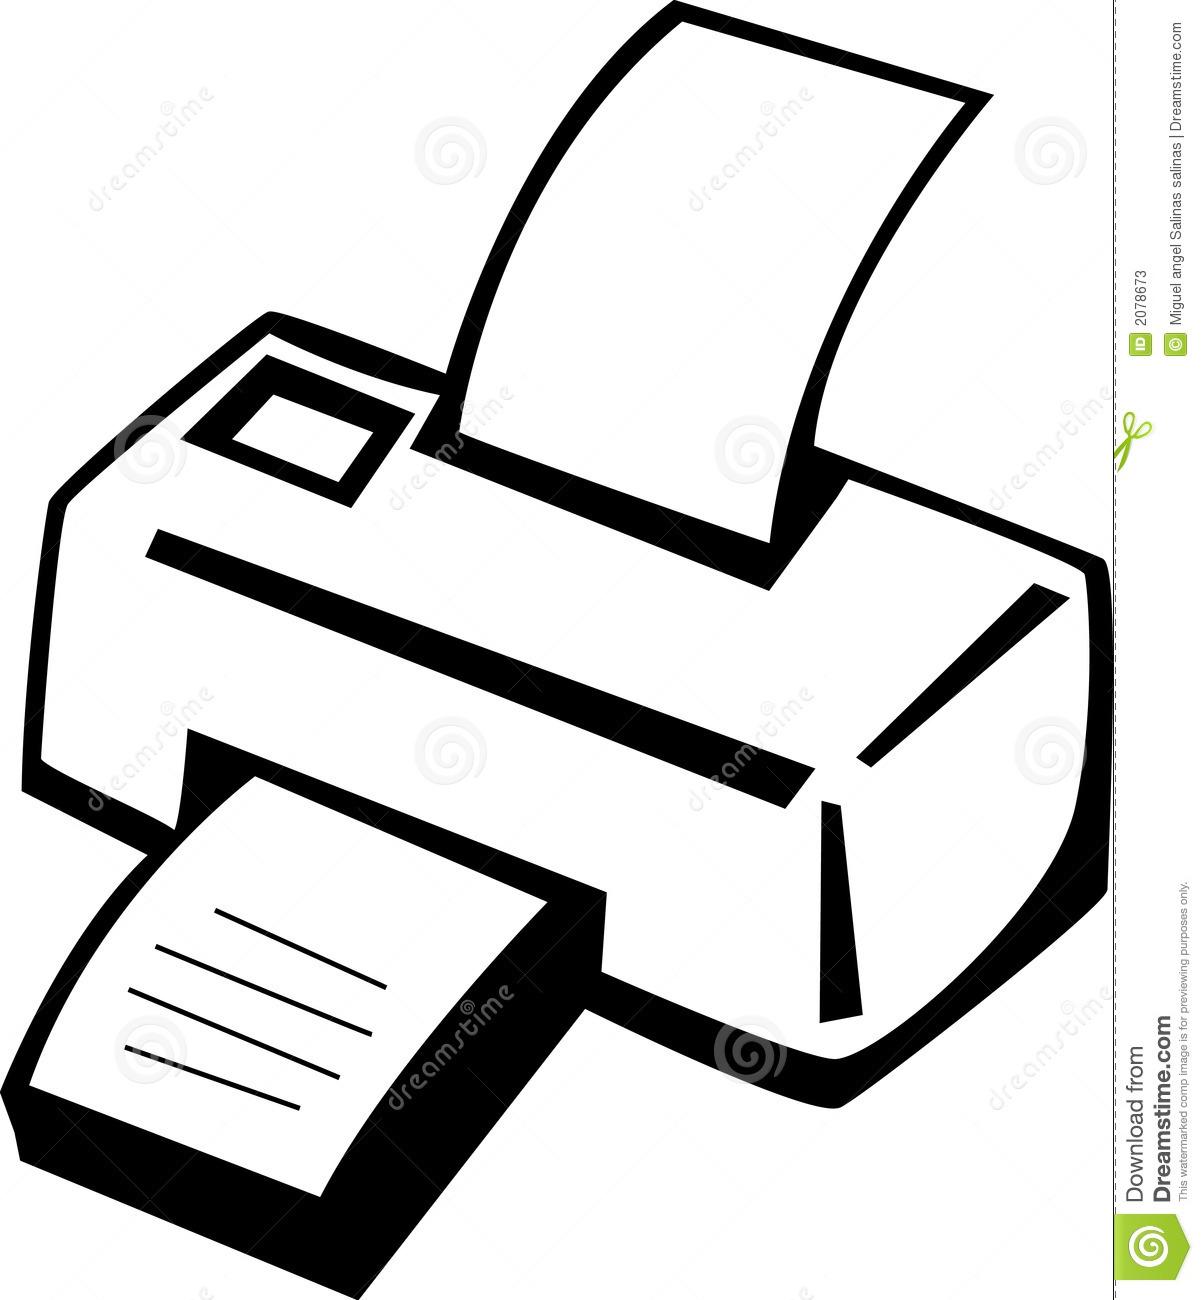 Printer cliparts.